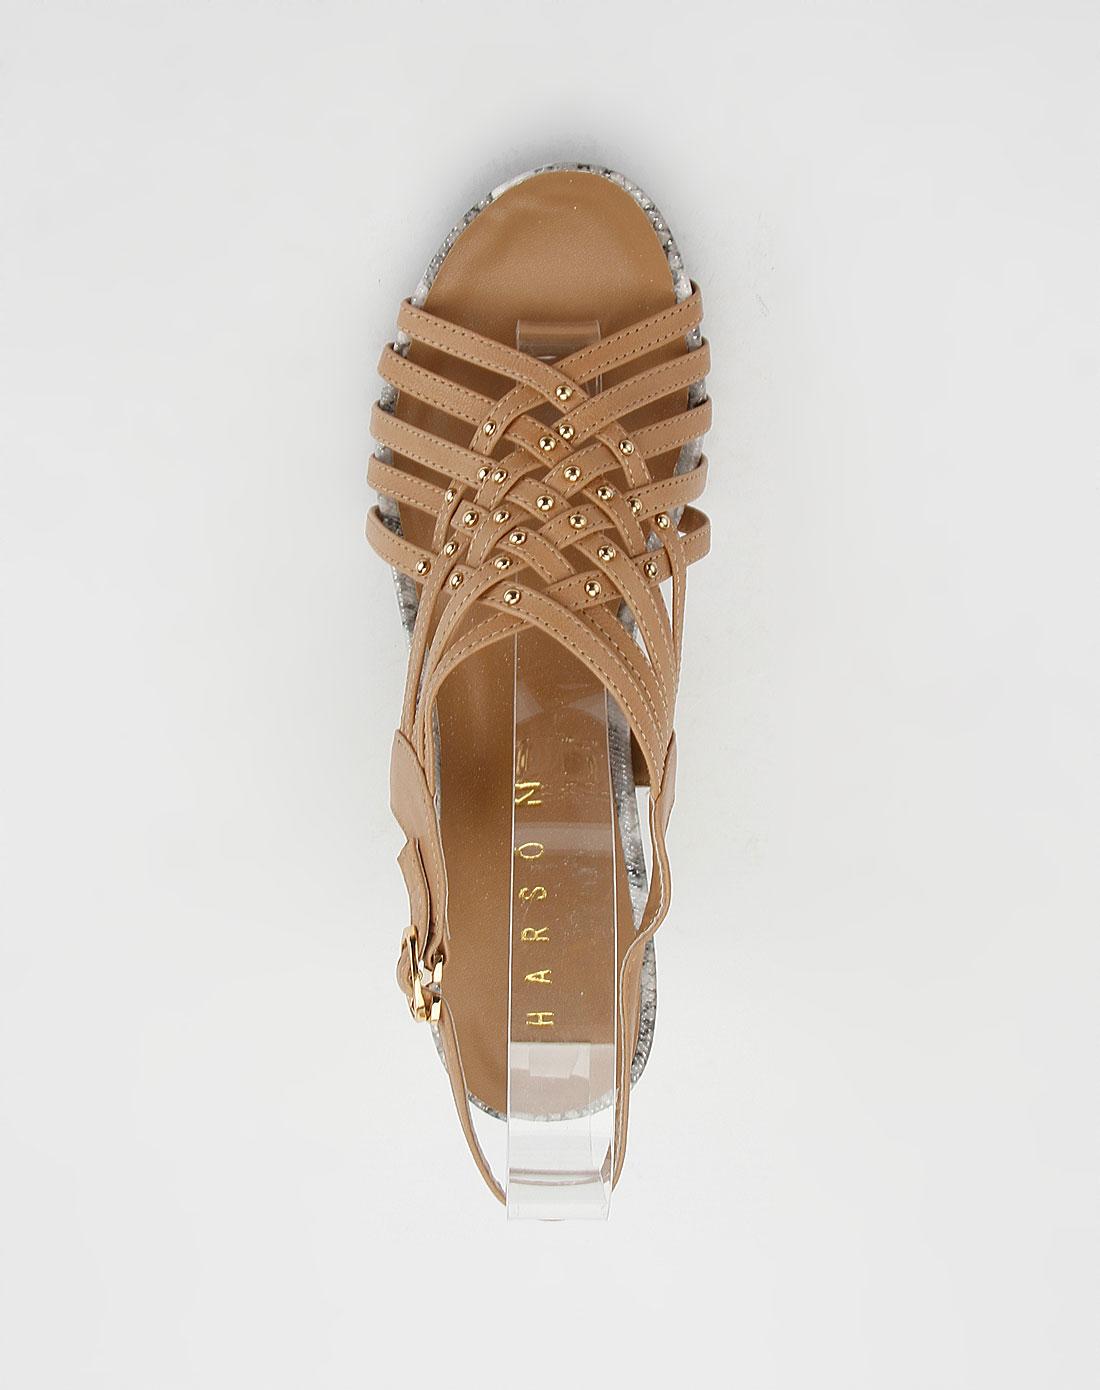 哈森harson女鞋专场-女款浅棕色时尚高跟凉鞋